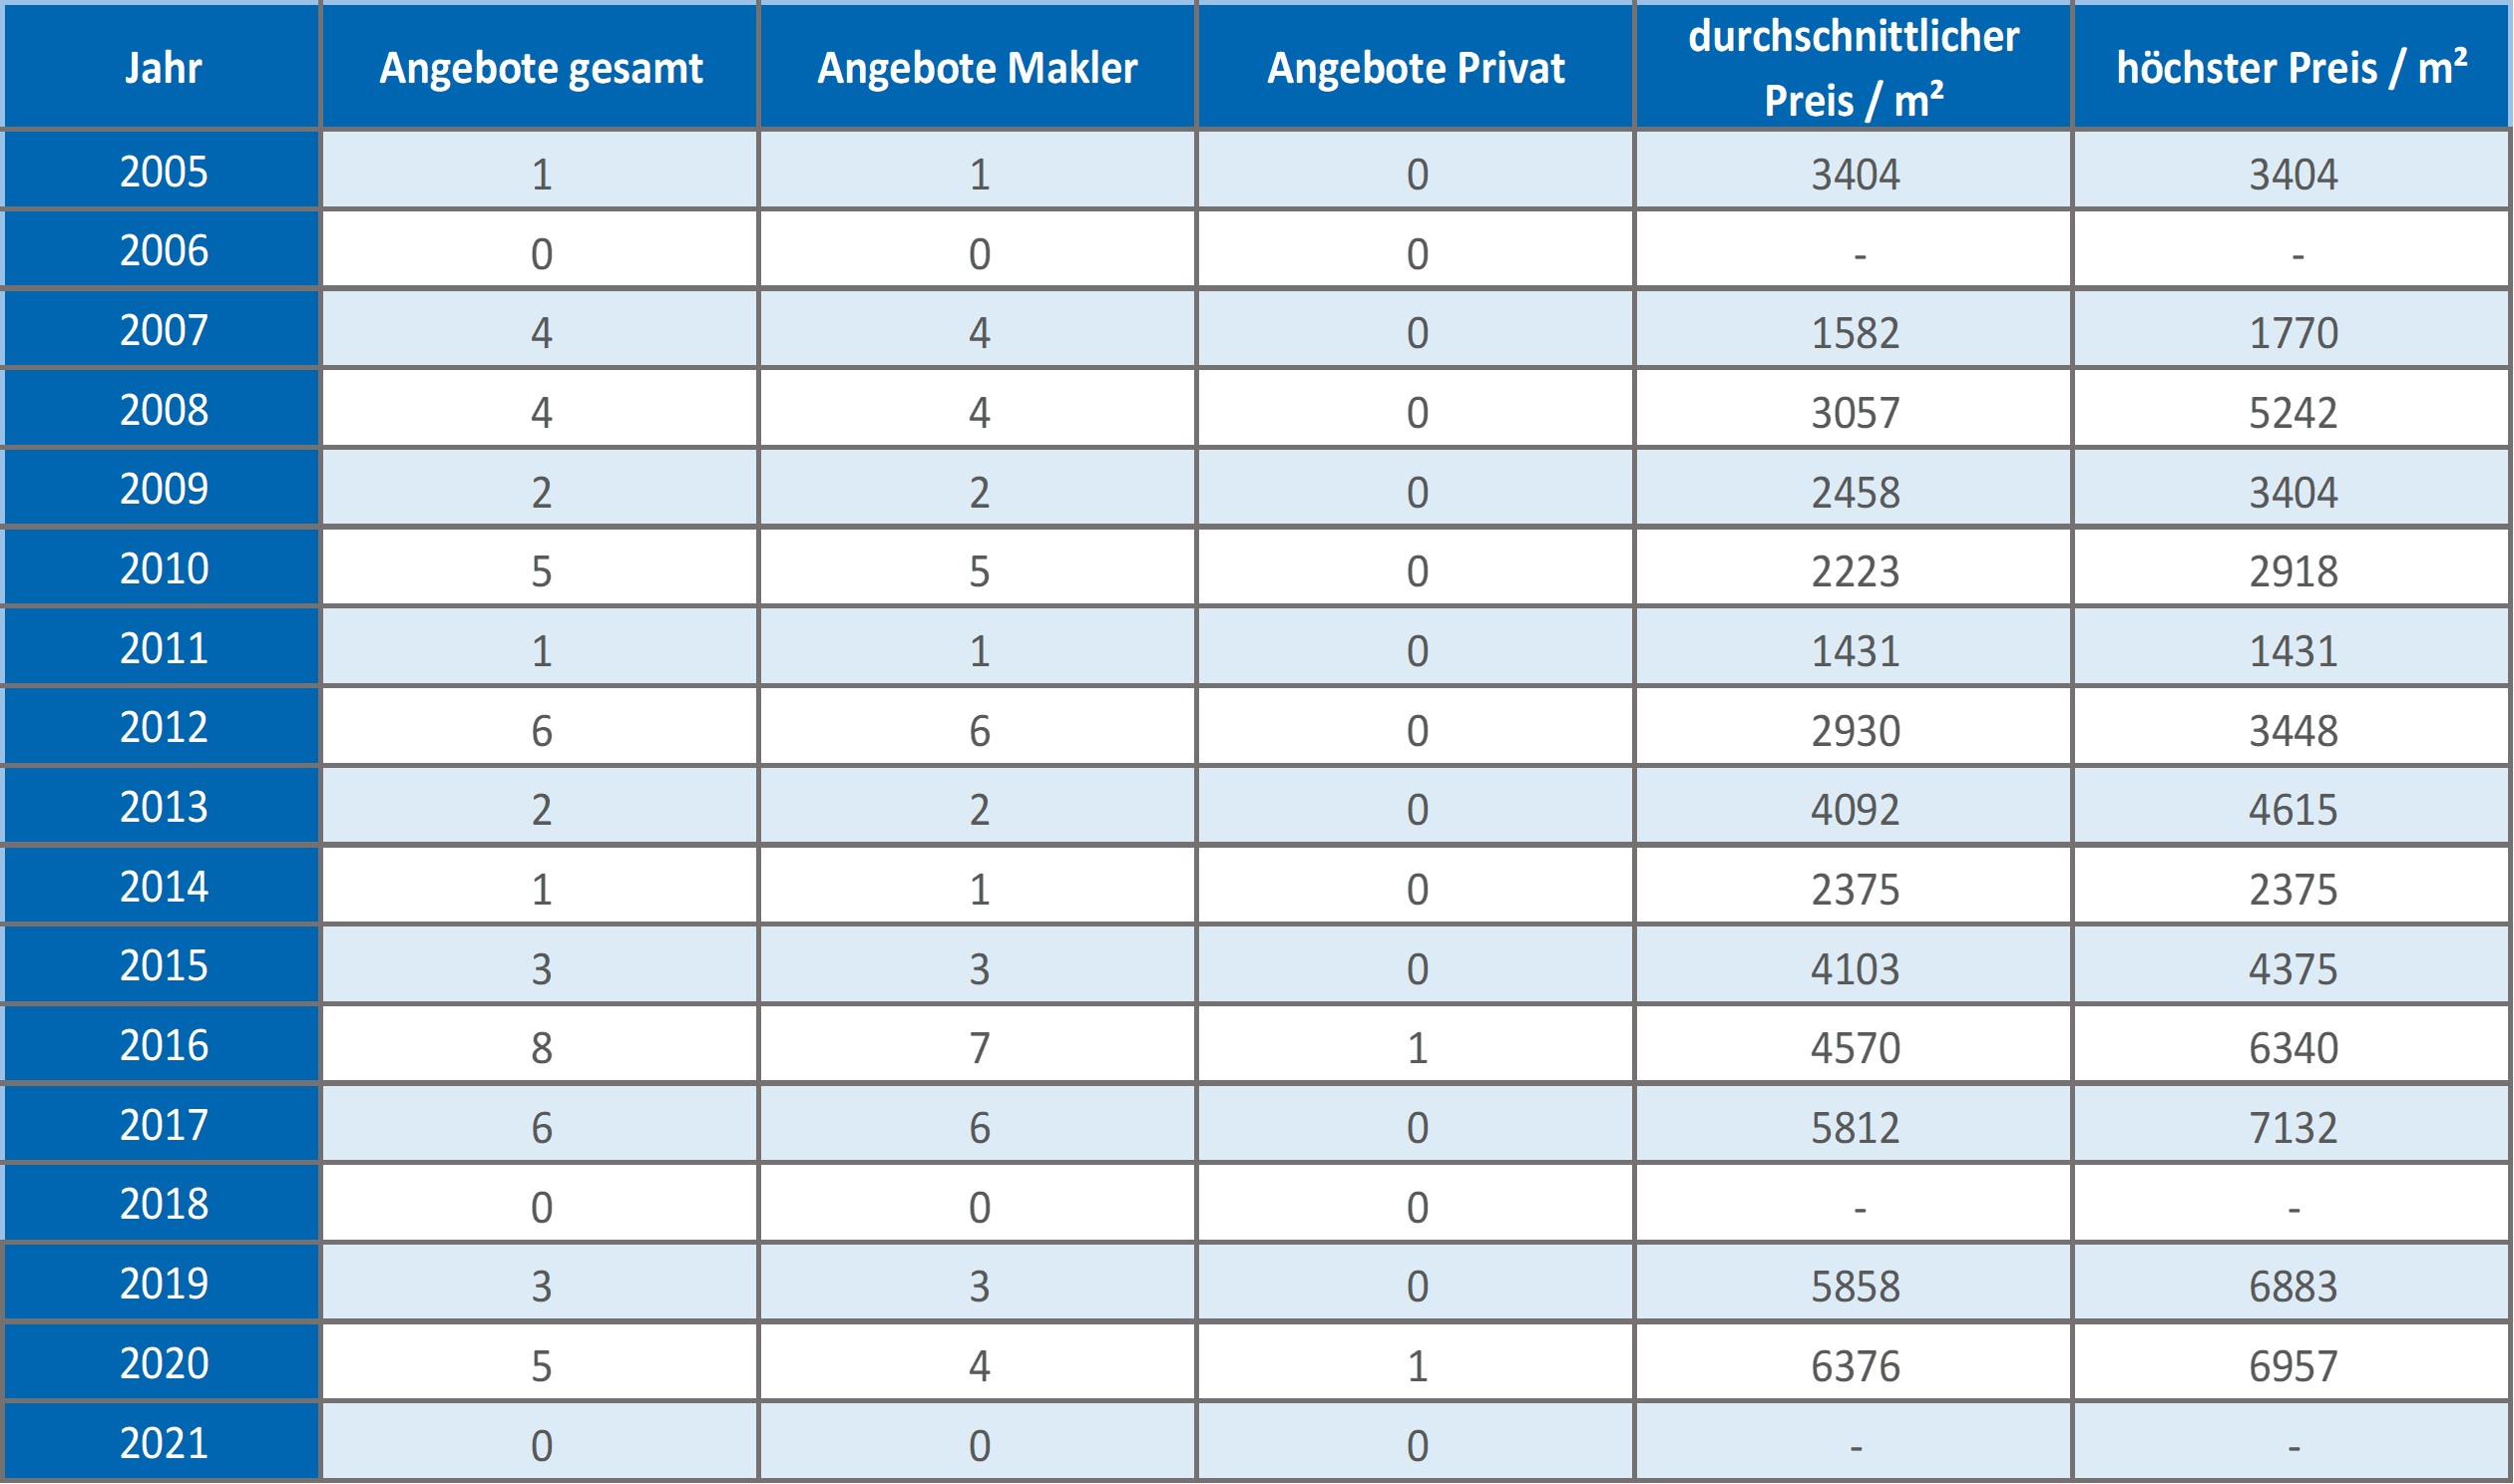 Taufkirchen-Mehrfamilienhaus-Kaufen-Verkaufen-Makler 2019 2020 2021